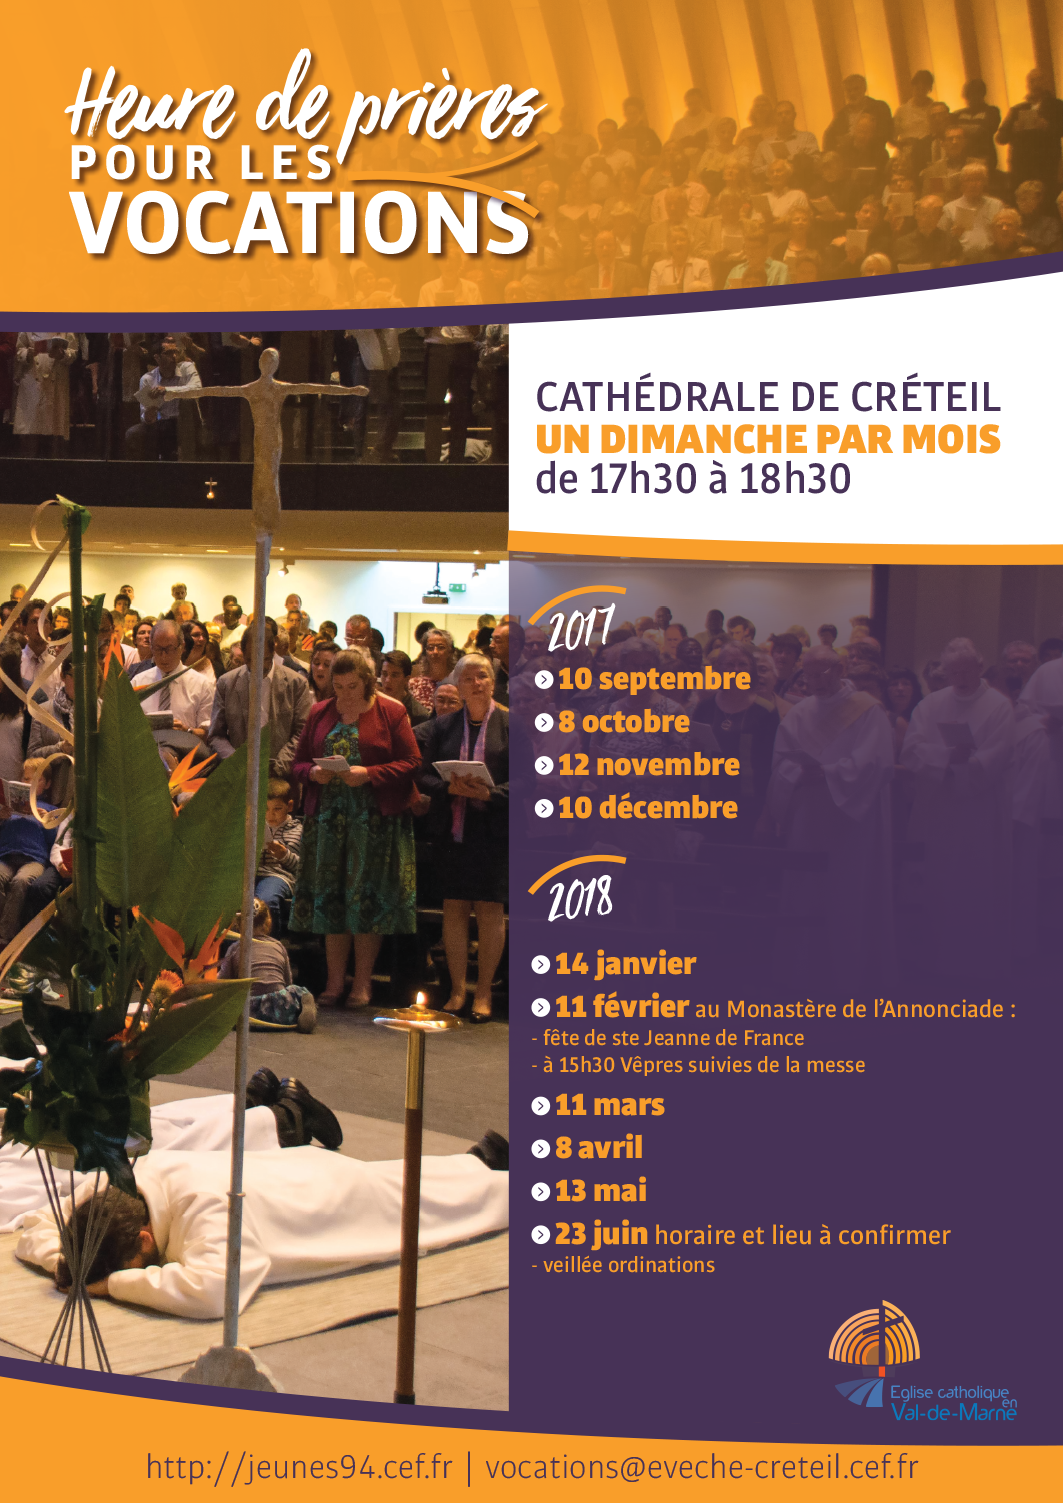 Heure de prière pour les vocations le 13 mai 2018 à la cathédrale de Créteil (94)